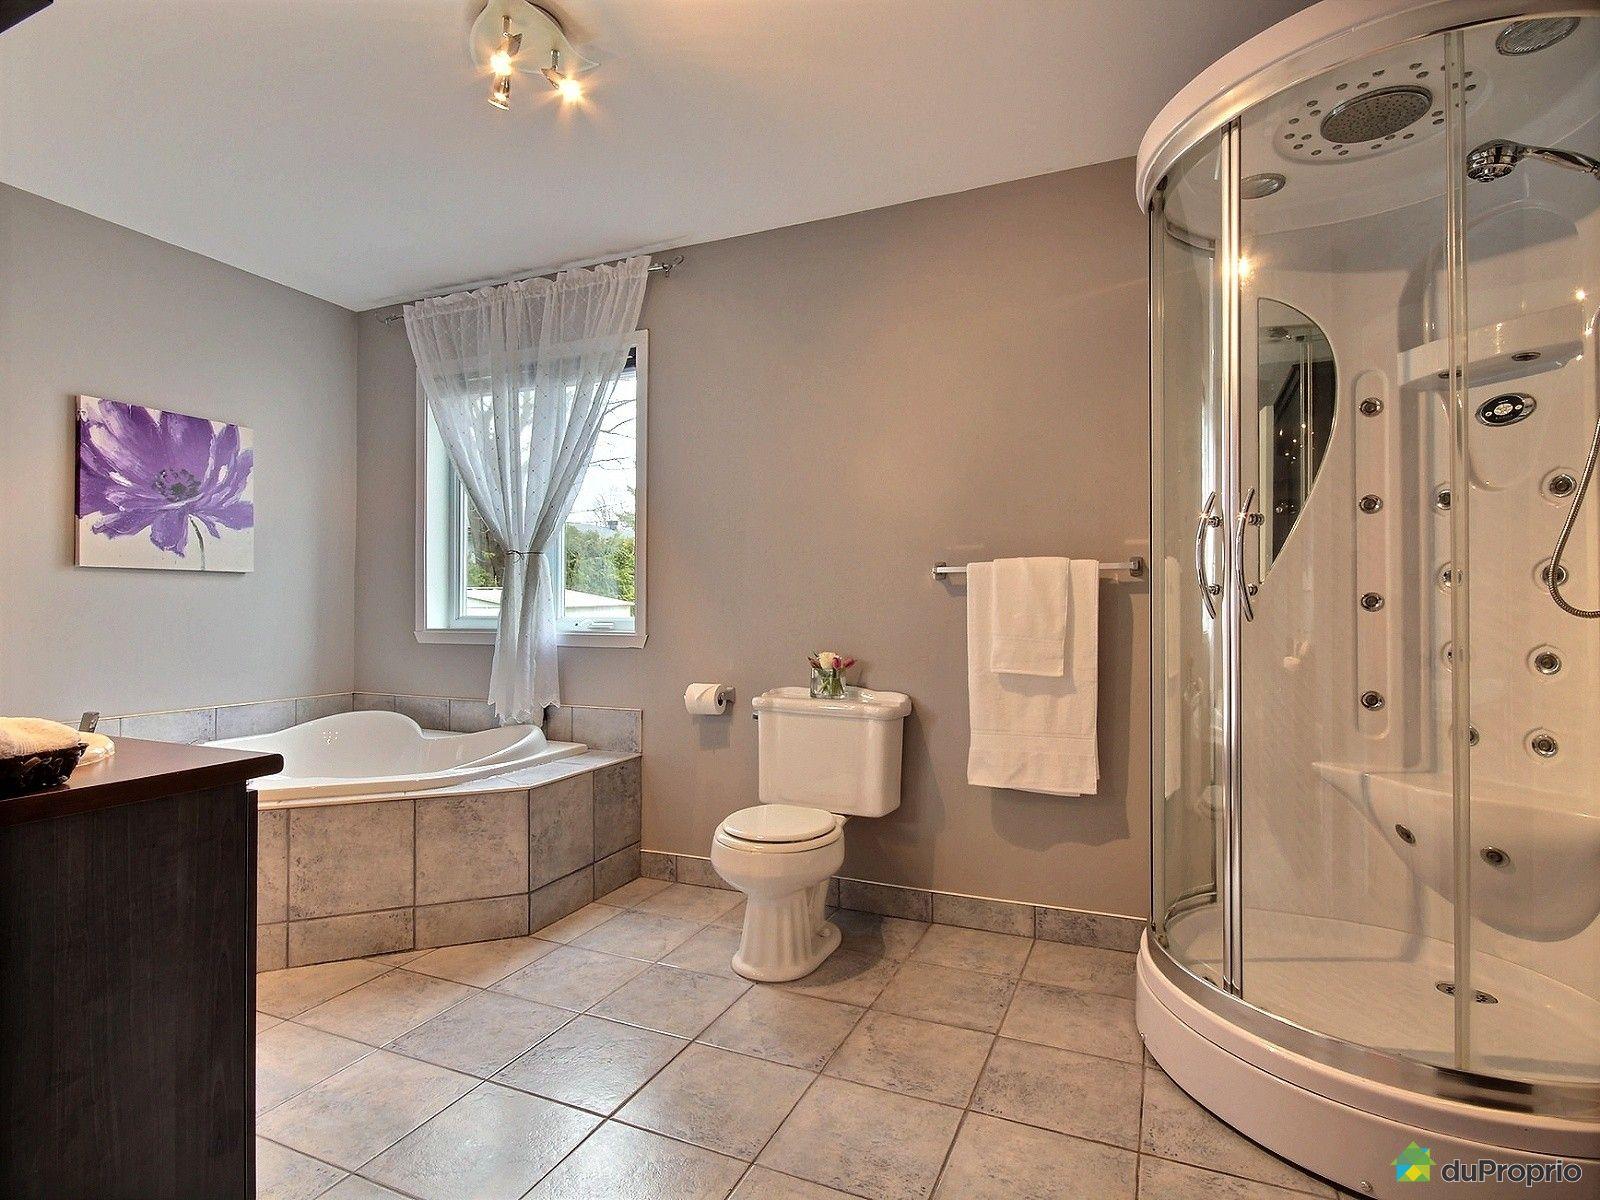 Maison vendu st j r me immobilier qu bec duproprio 699957 for Accessoire salle de bain st jerome